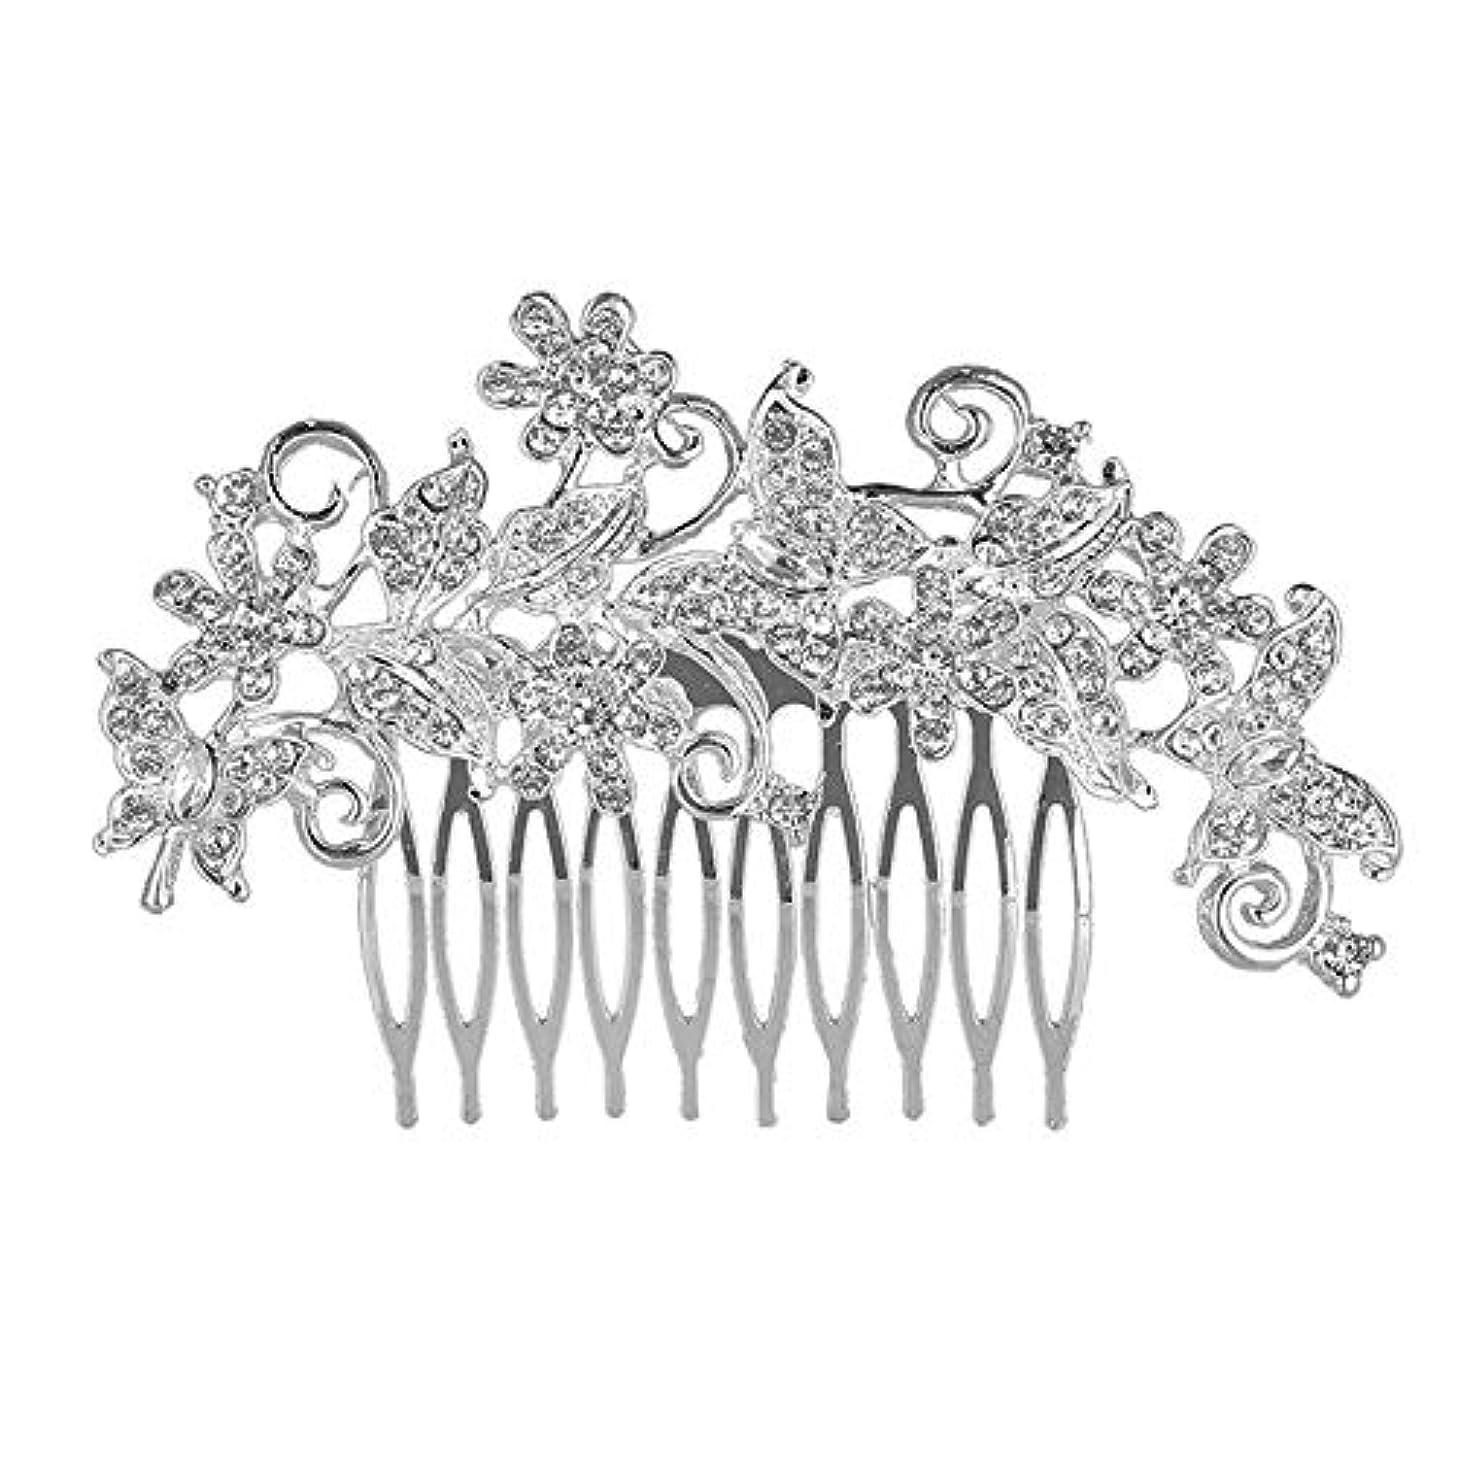 修正する出血議会韓国のヘアアクセサリー_韓国の花嫁のヘアアクセサリー日の花のヘッドドレスファッションヘアコーム花嫁合金結婚式結婚式卸売